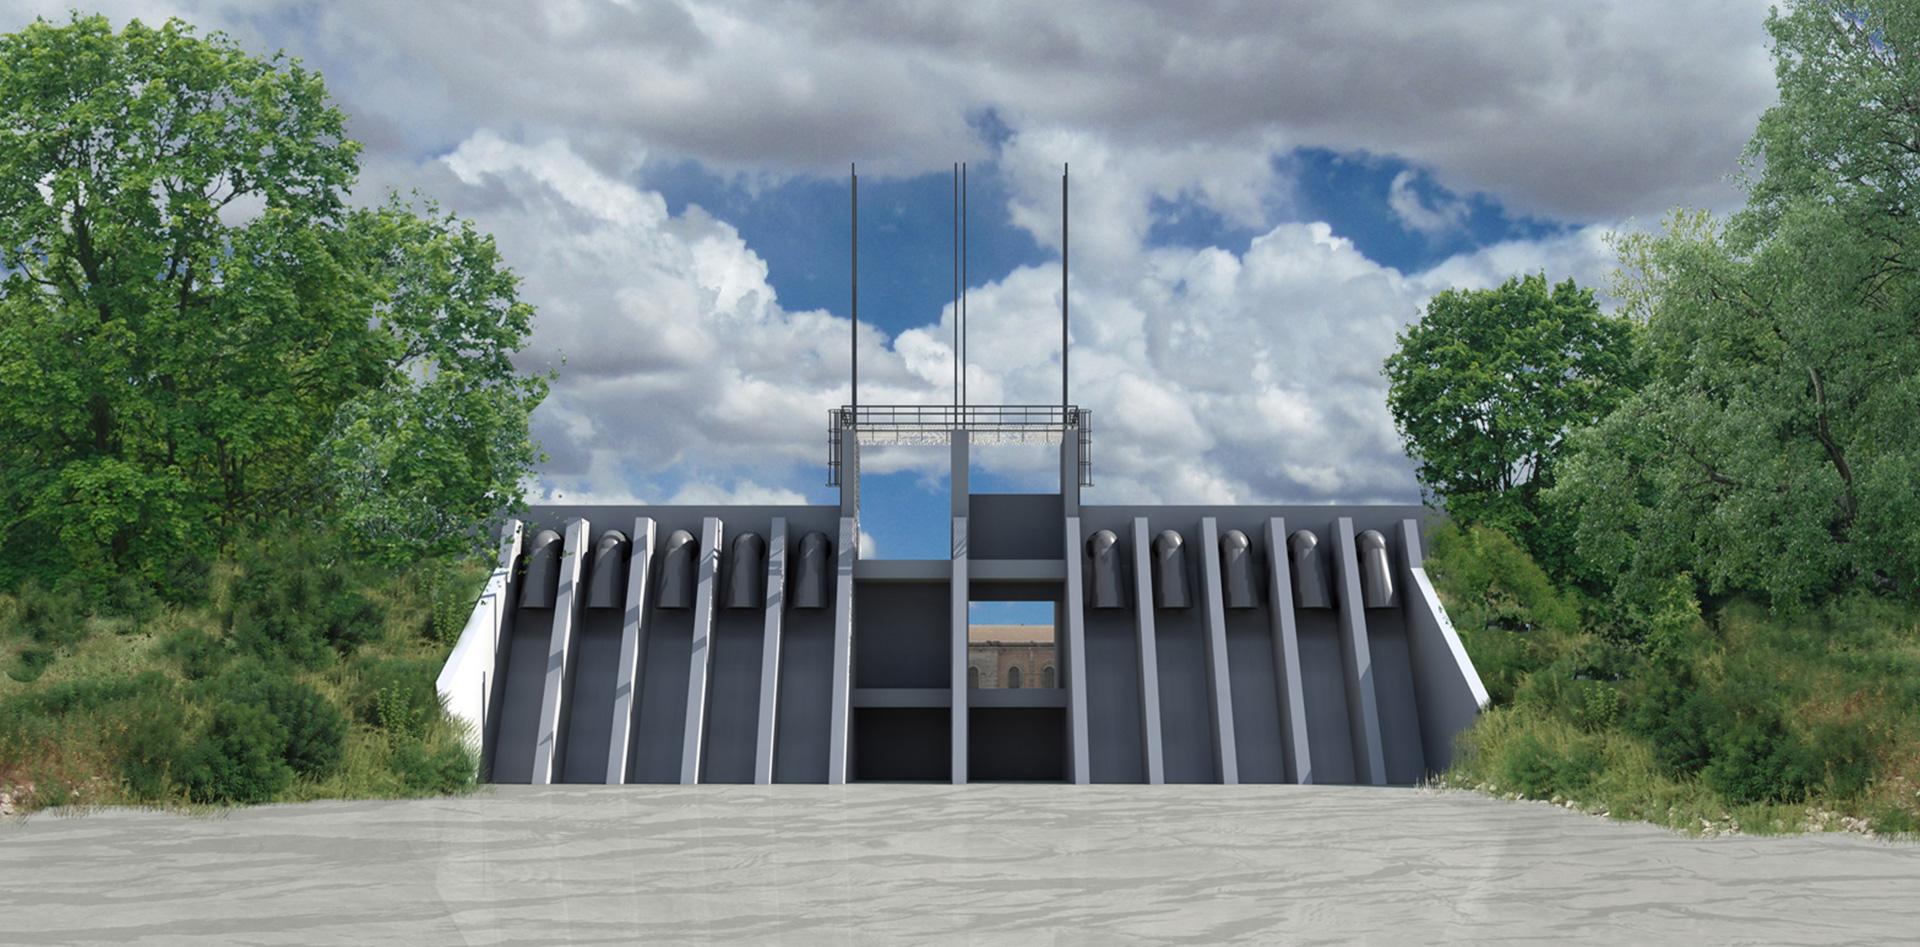 Adeguamento Impianto idrovoro di Moglia di Sermide, Binini Partners, Società di architettura e ingegneria